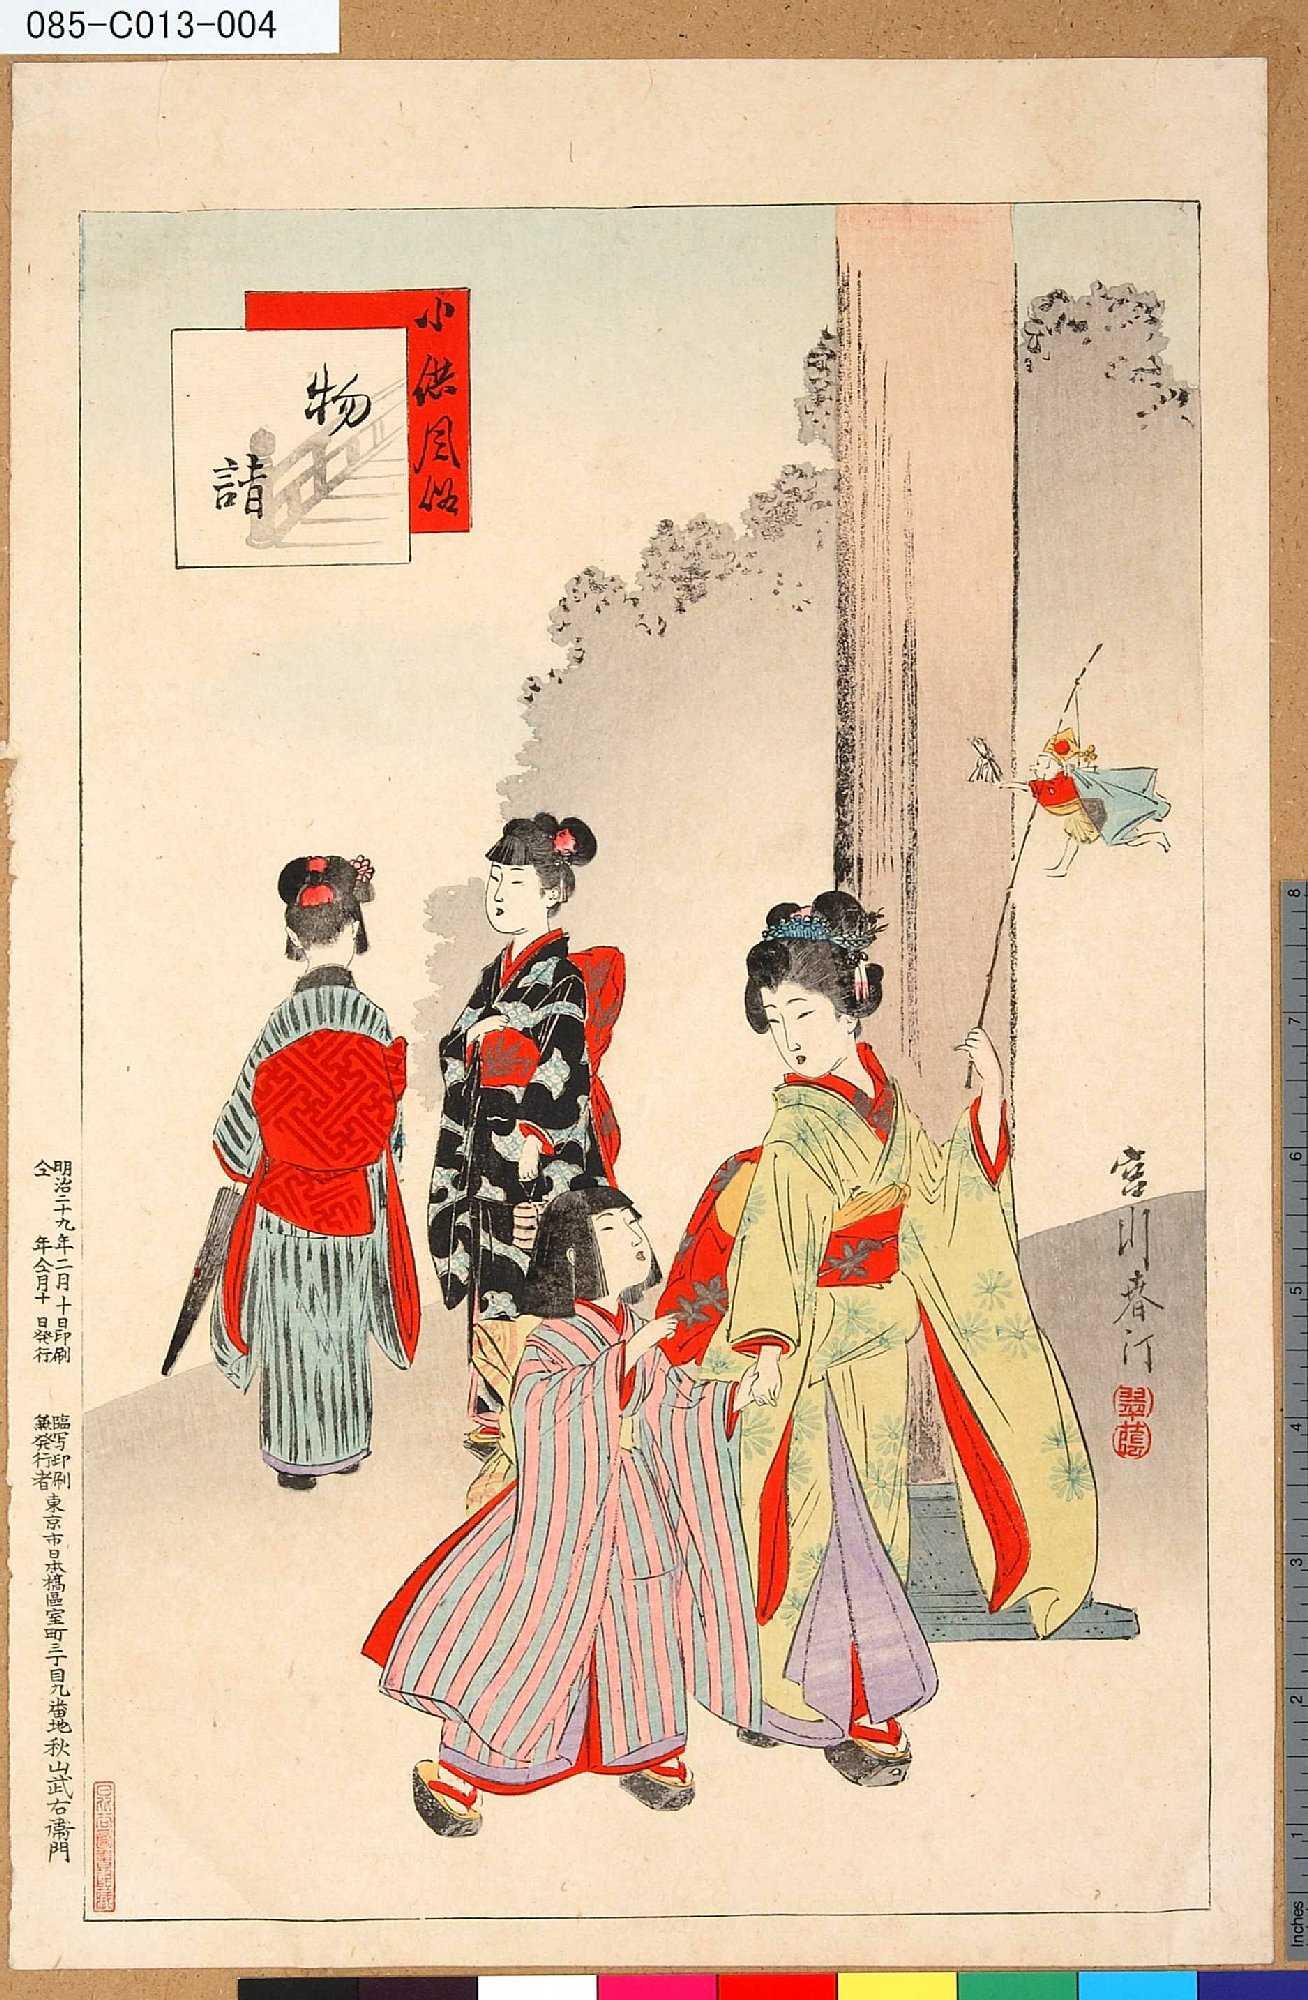 春汀: 「小供風俗」 「物詣」 - 東京都立図書館 - 浮世絵検索